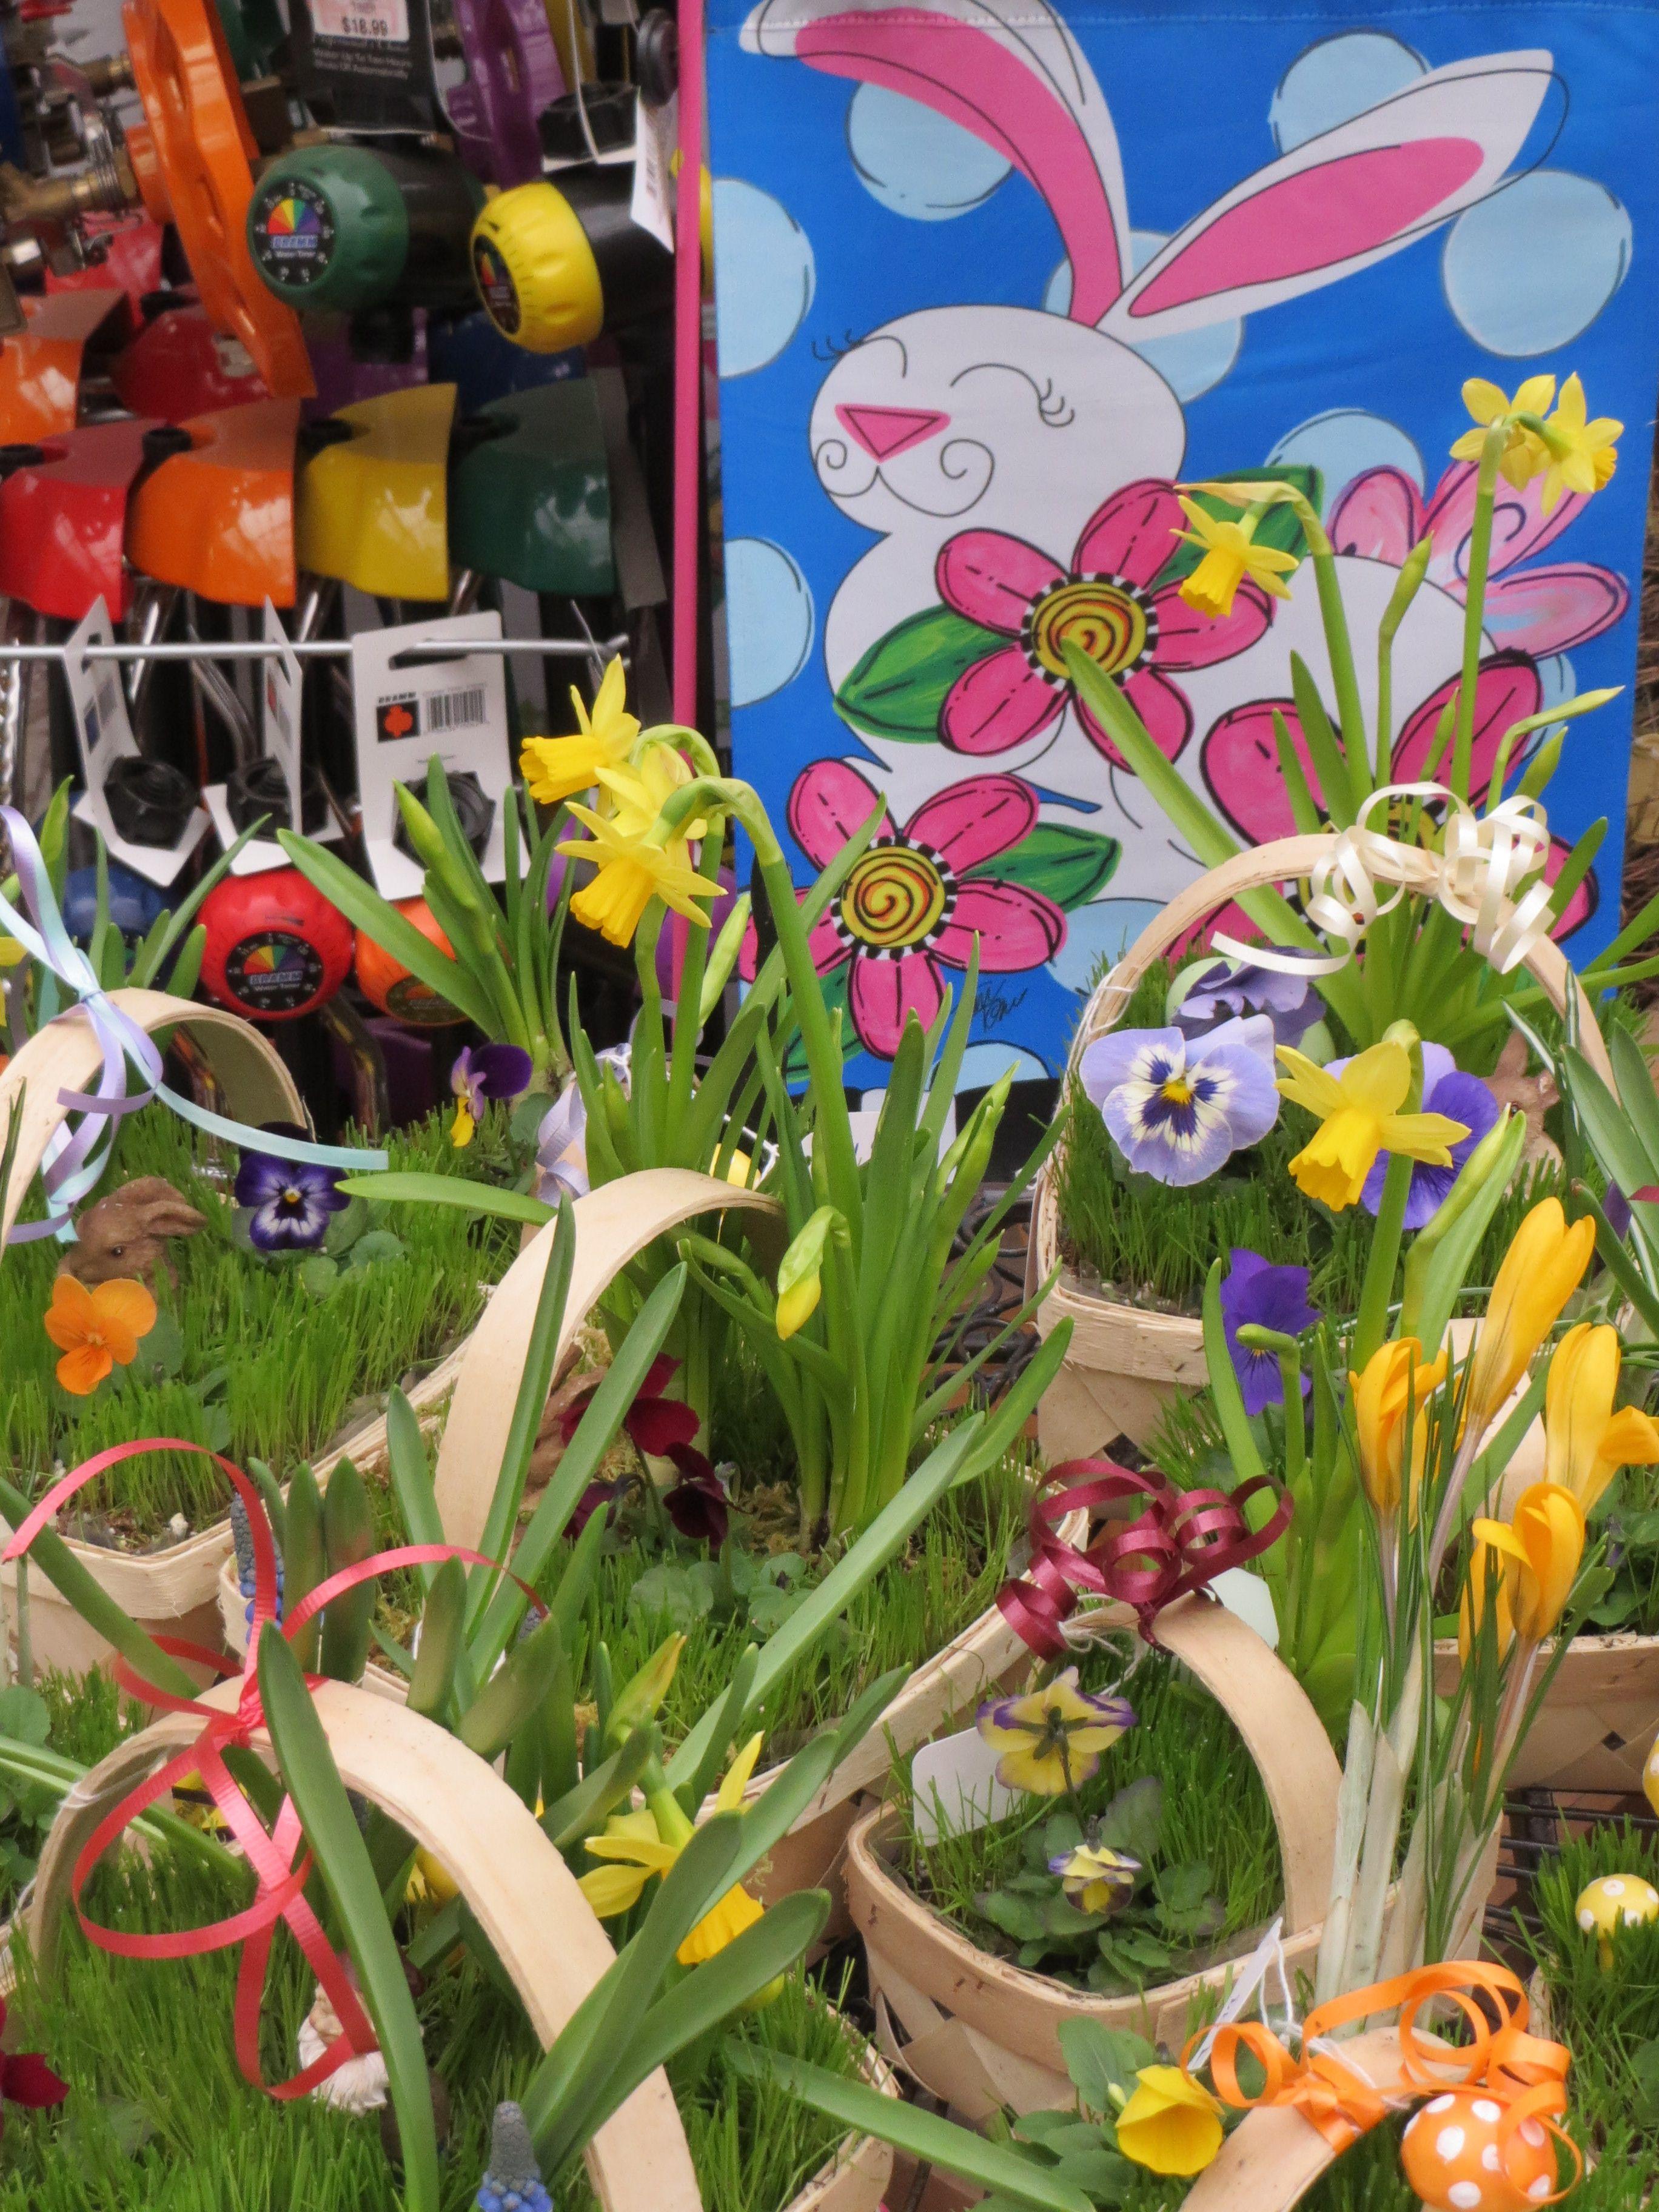 Spring has sprung here at Bristol's Garden Center (Victor